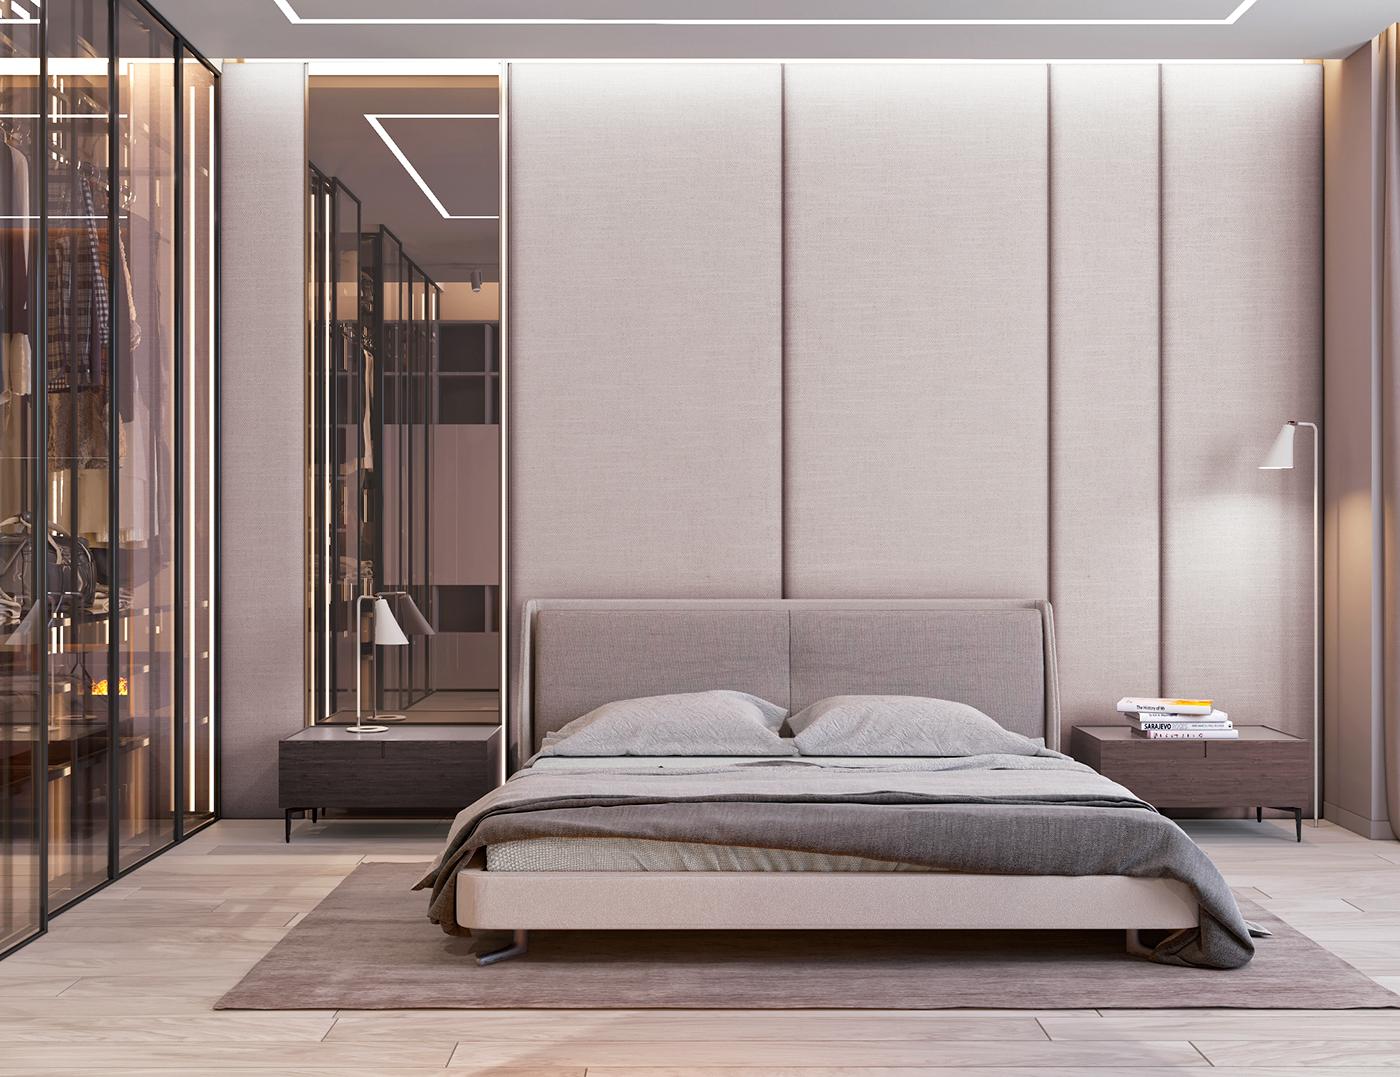 Arabische Slaapkamer Ideeen : Arabische slaapkamer ideeen: beste engelse slaapkamer ideeen. ideeen